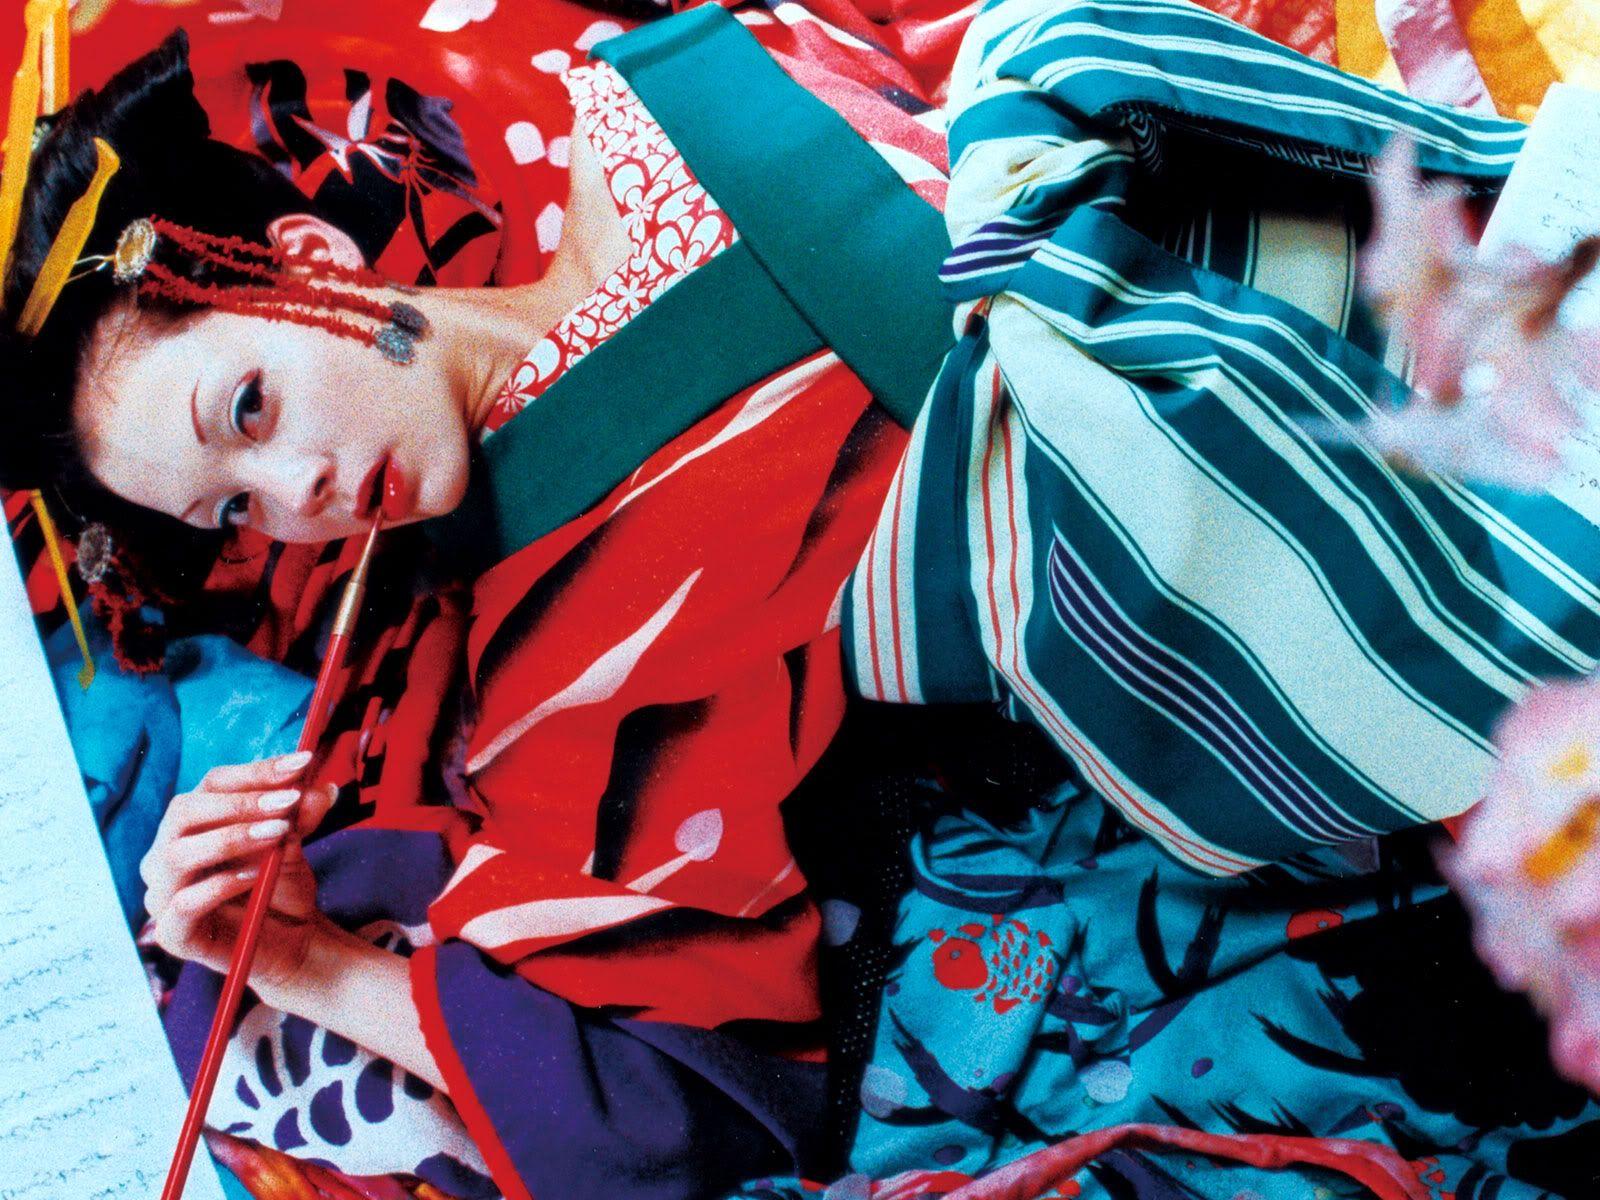 Sakuran 土屋アンナ 2020 写真 アンナ 映画